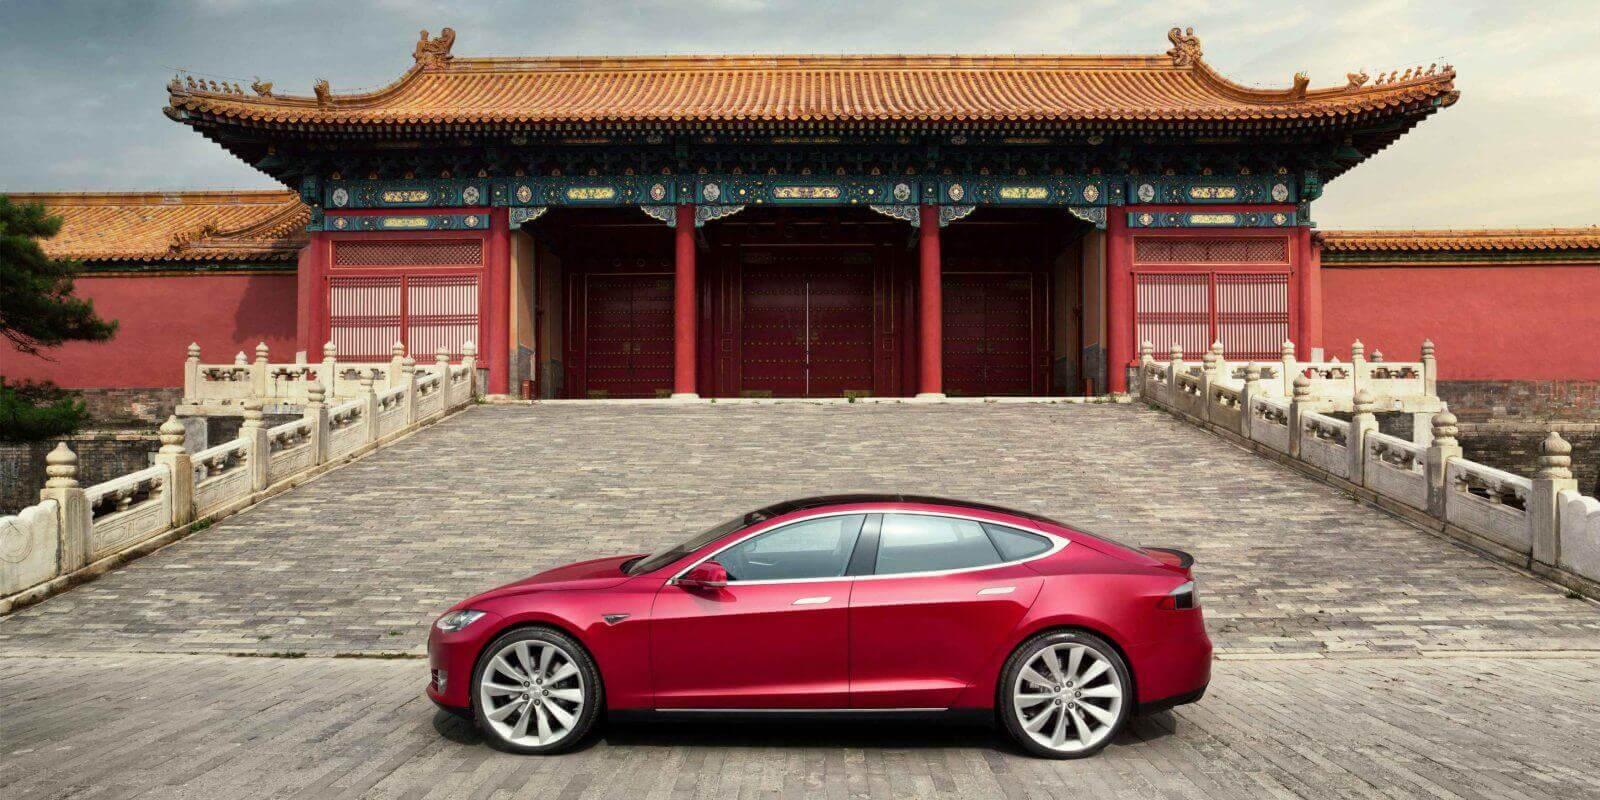 Аналітик: Китай стане найбільшим ринком для Tesla